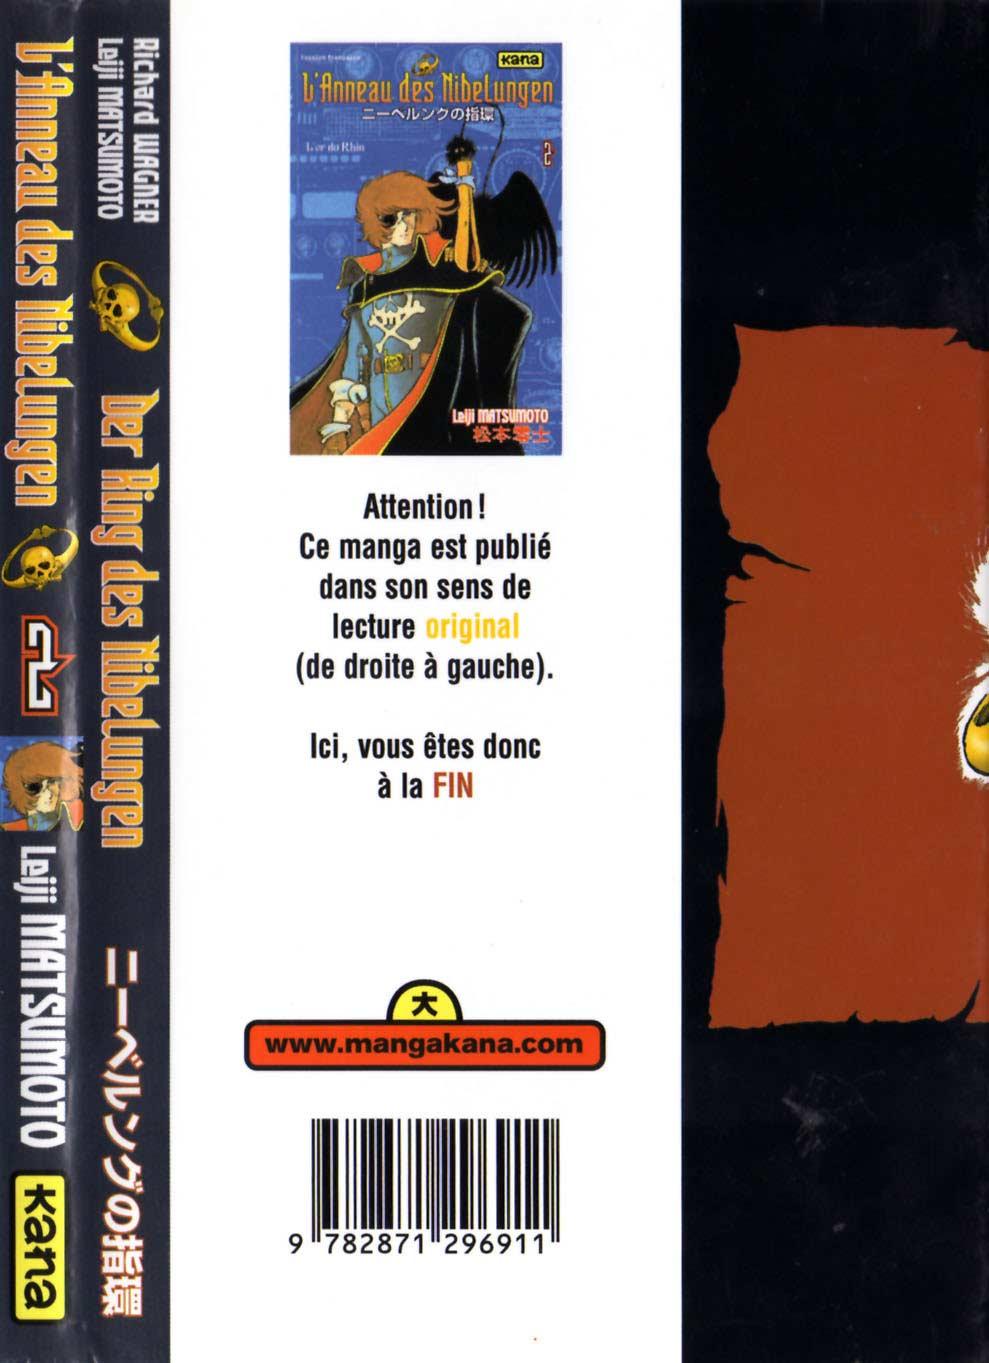 Tome 2 : L'Or du Rhin (l'Anneau des Nibelungen) - Couverture dos